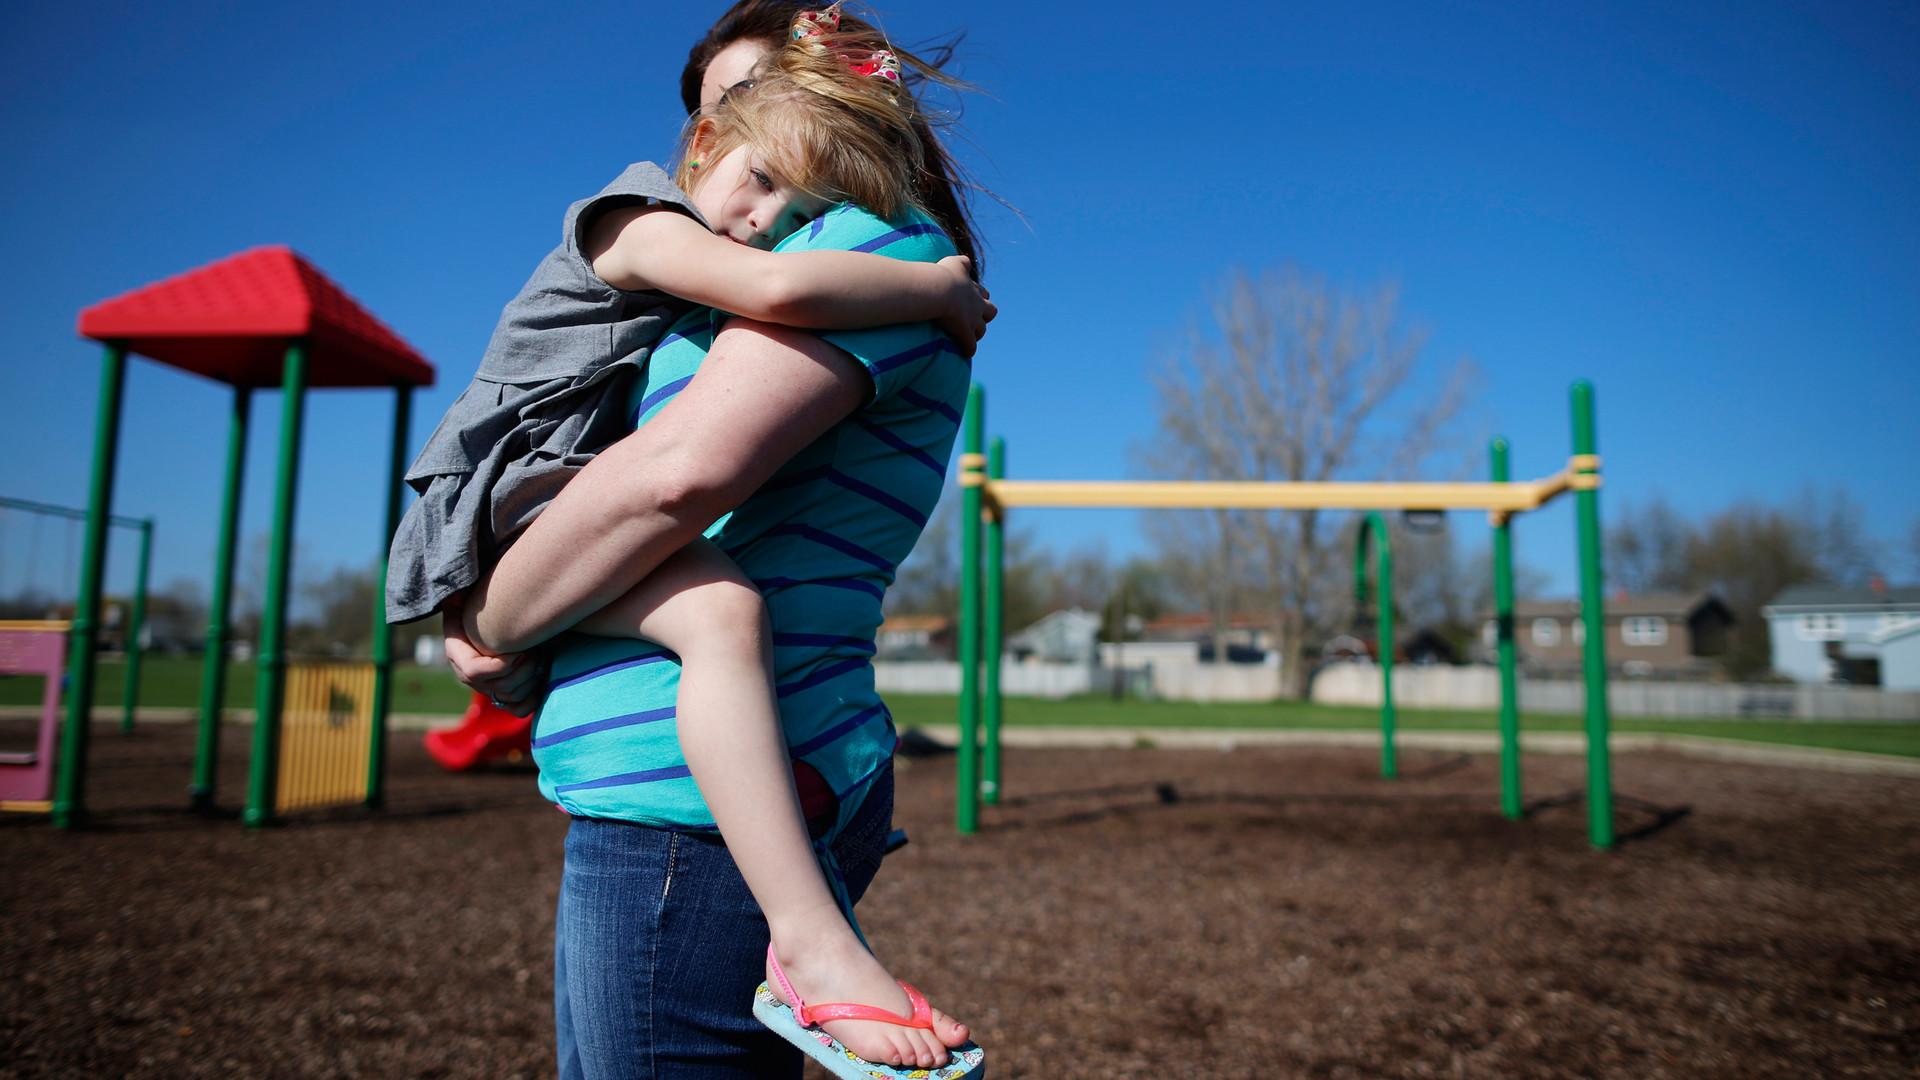 Материнский долг: как рождение ребёнка отражается на зарплате родителей в разных странах